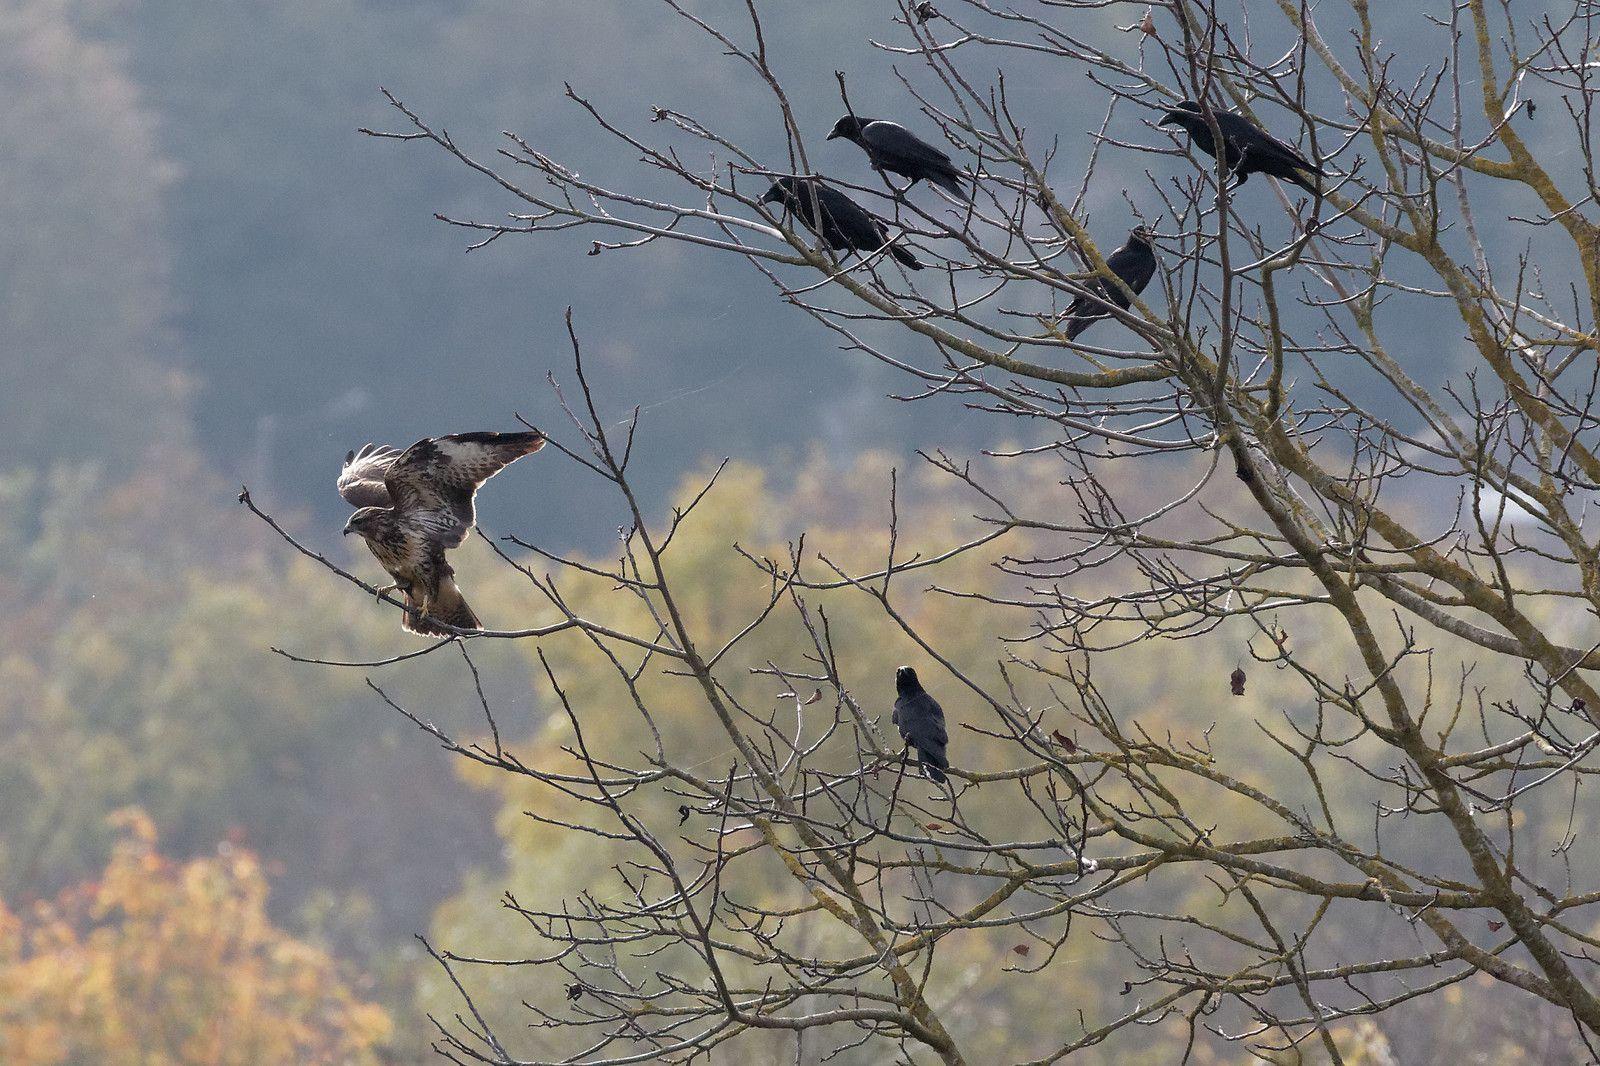 535 - Monde aviaire : partage et stratégie : 07/11/2020